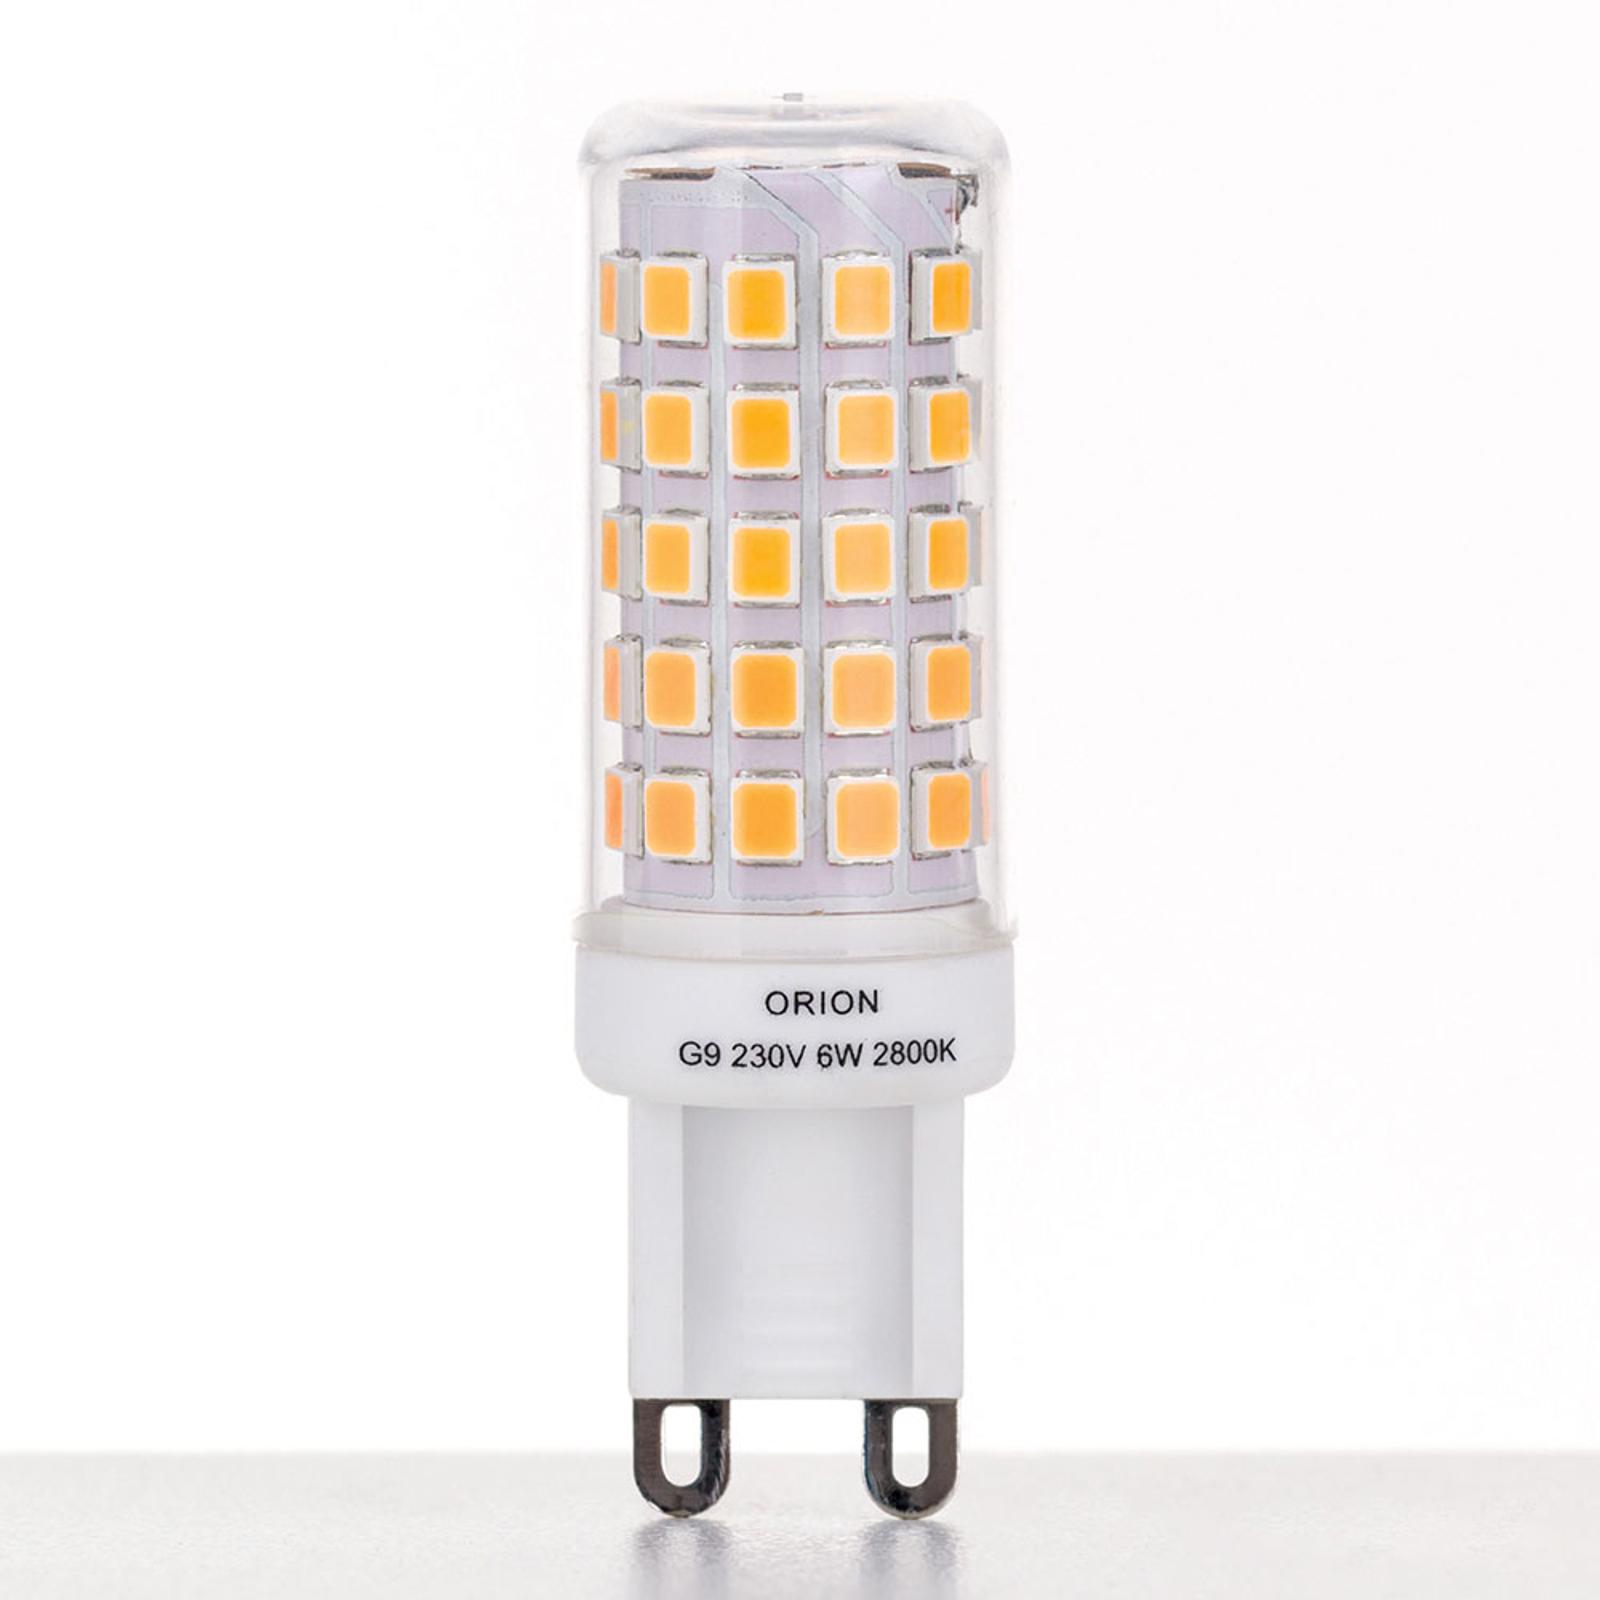 LED-stiftlampa G9 6W 2800K dimbar